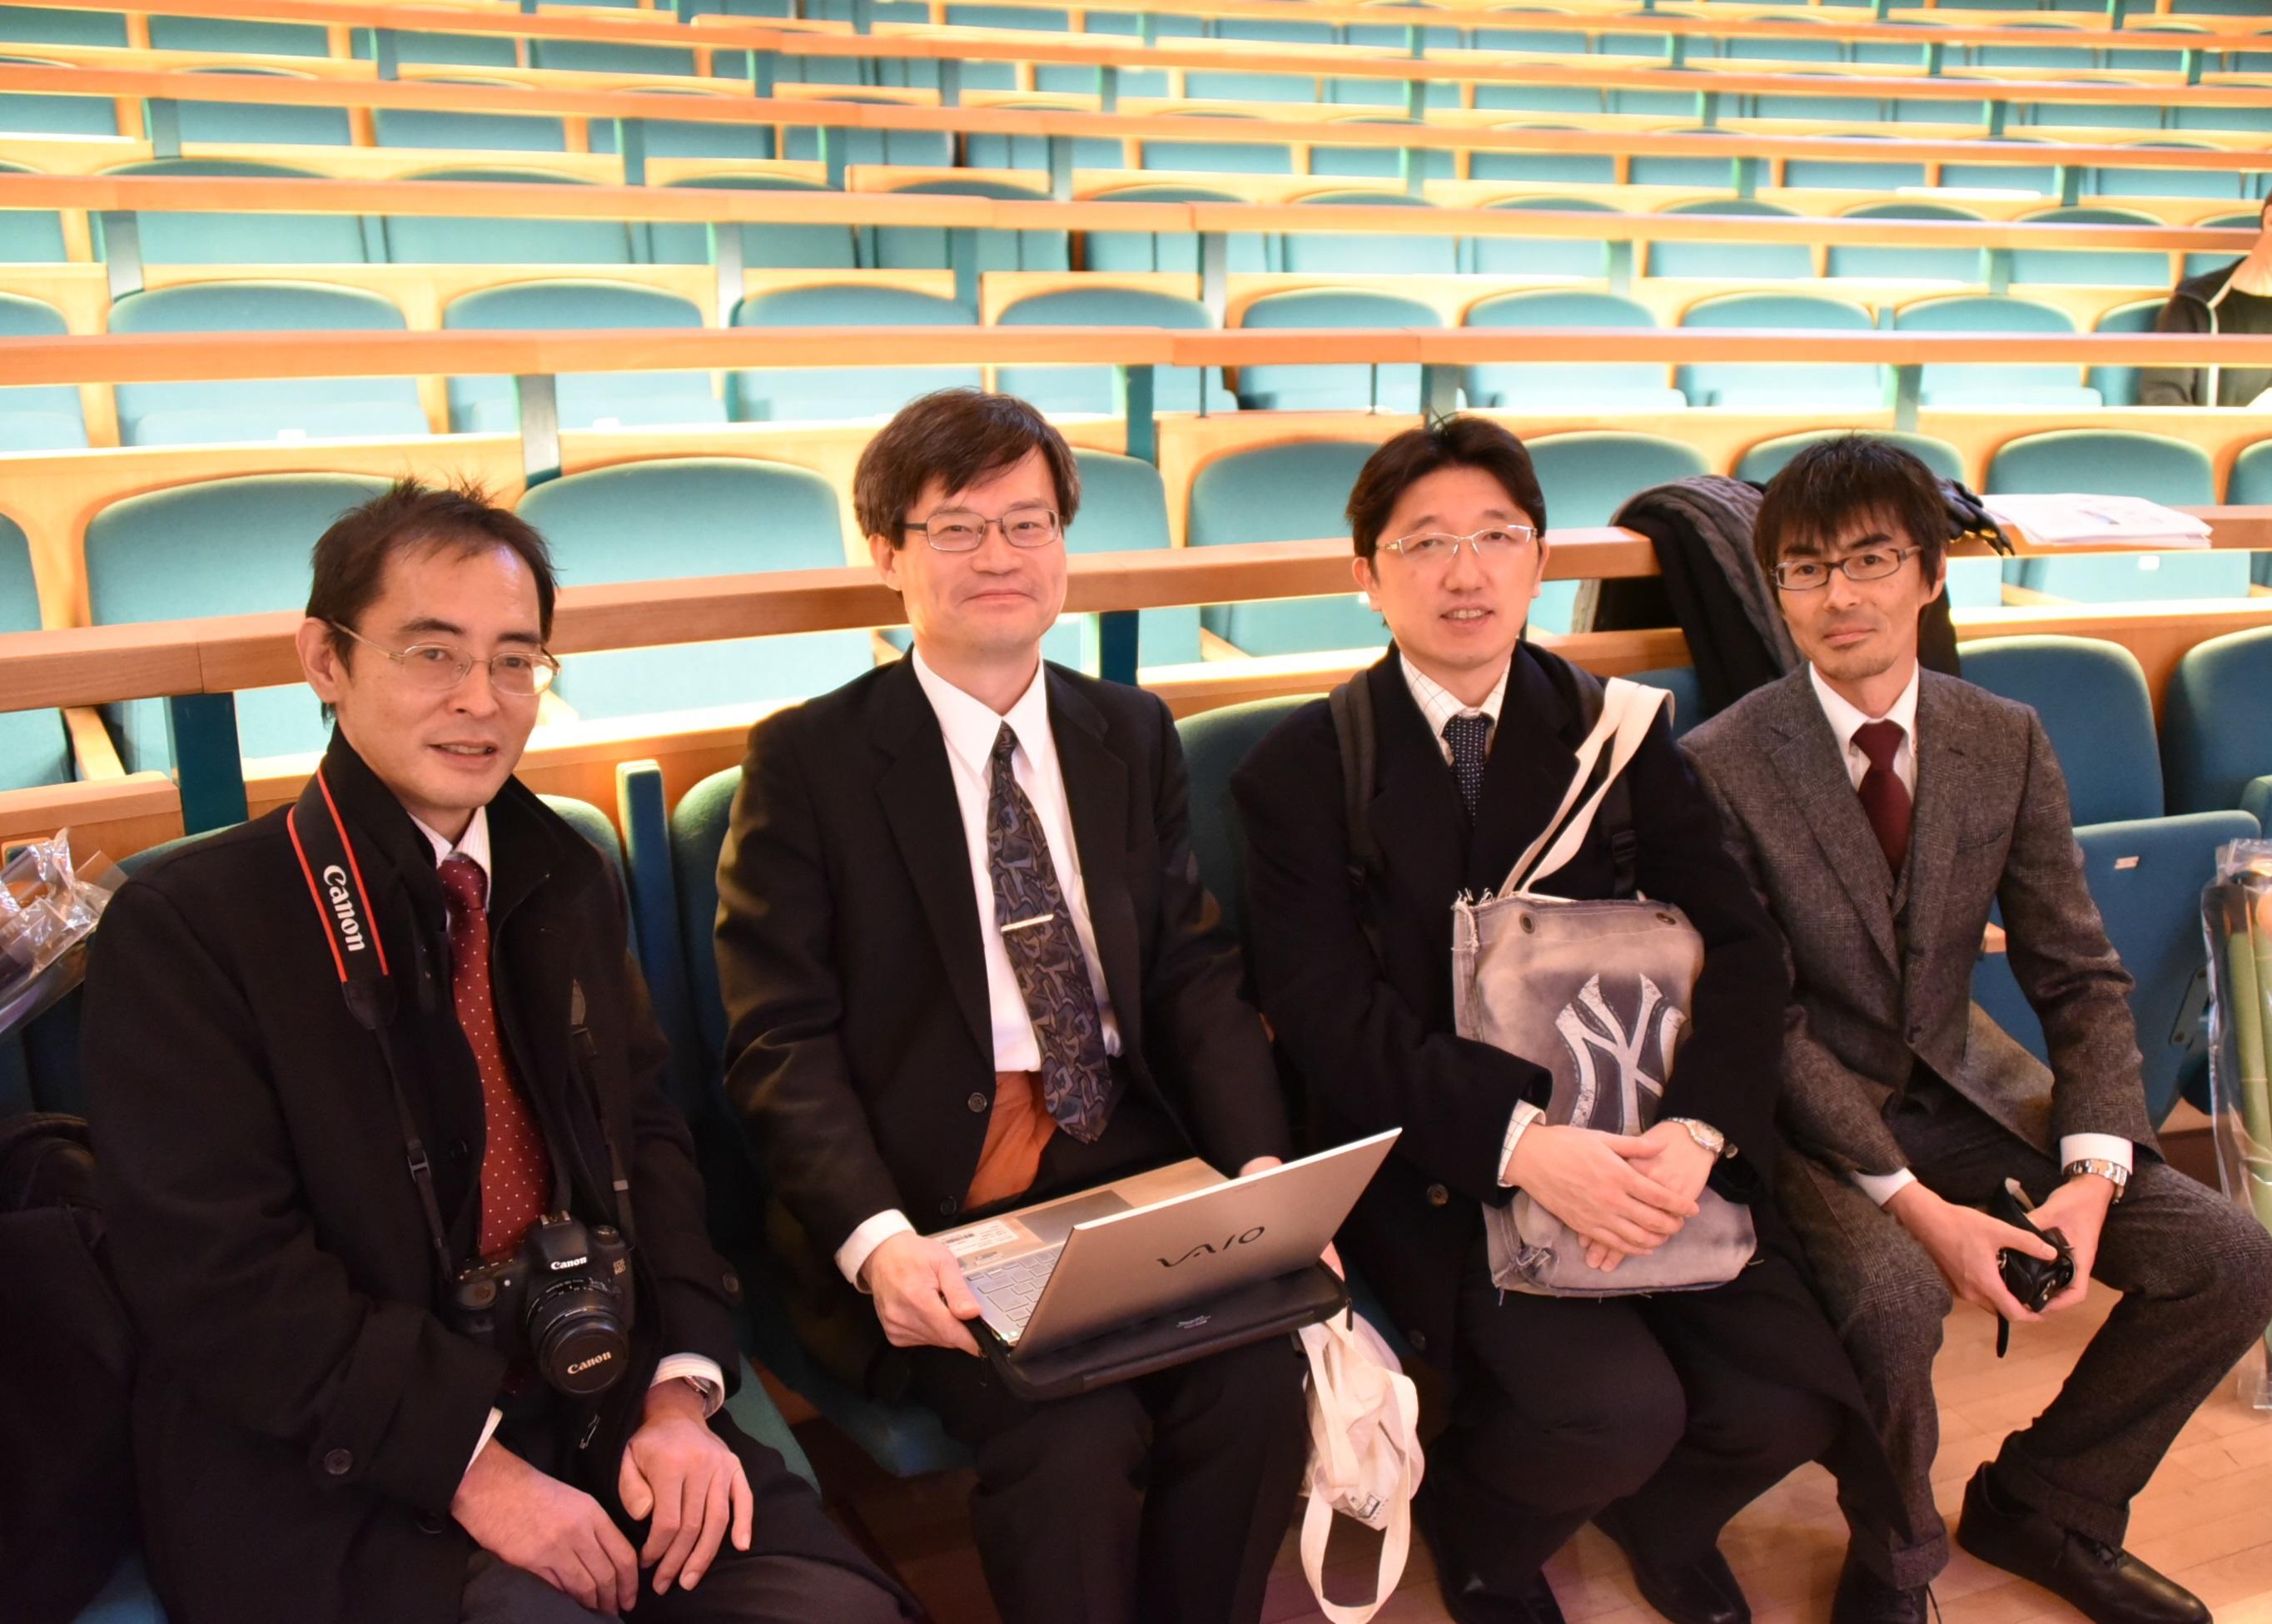 2014年12月のノーベル・レクチャーのリハーサルで。(左から)上山智教授、天野浩名古屋大学教授、岩谷素顕准教授(当時)、竹内哲也准教授(当時)